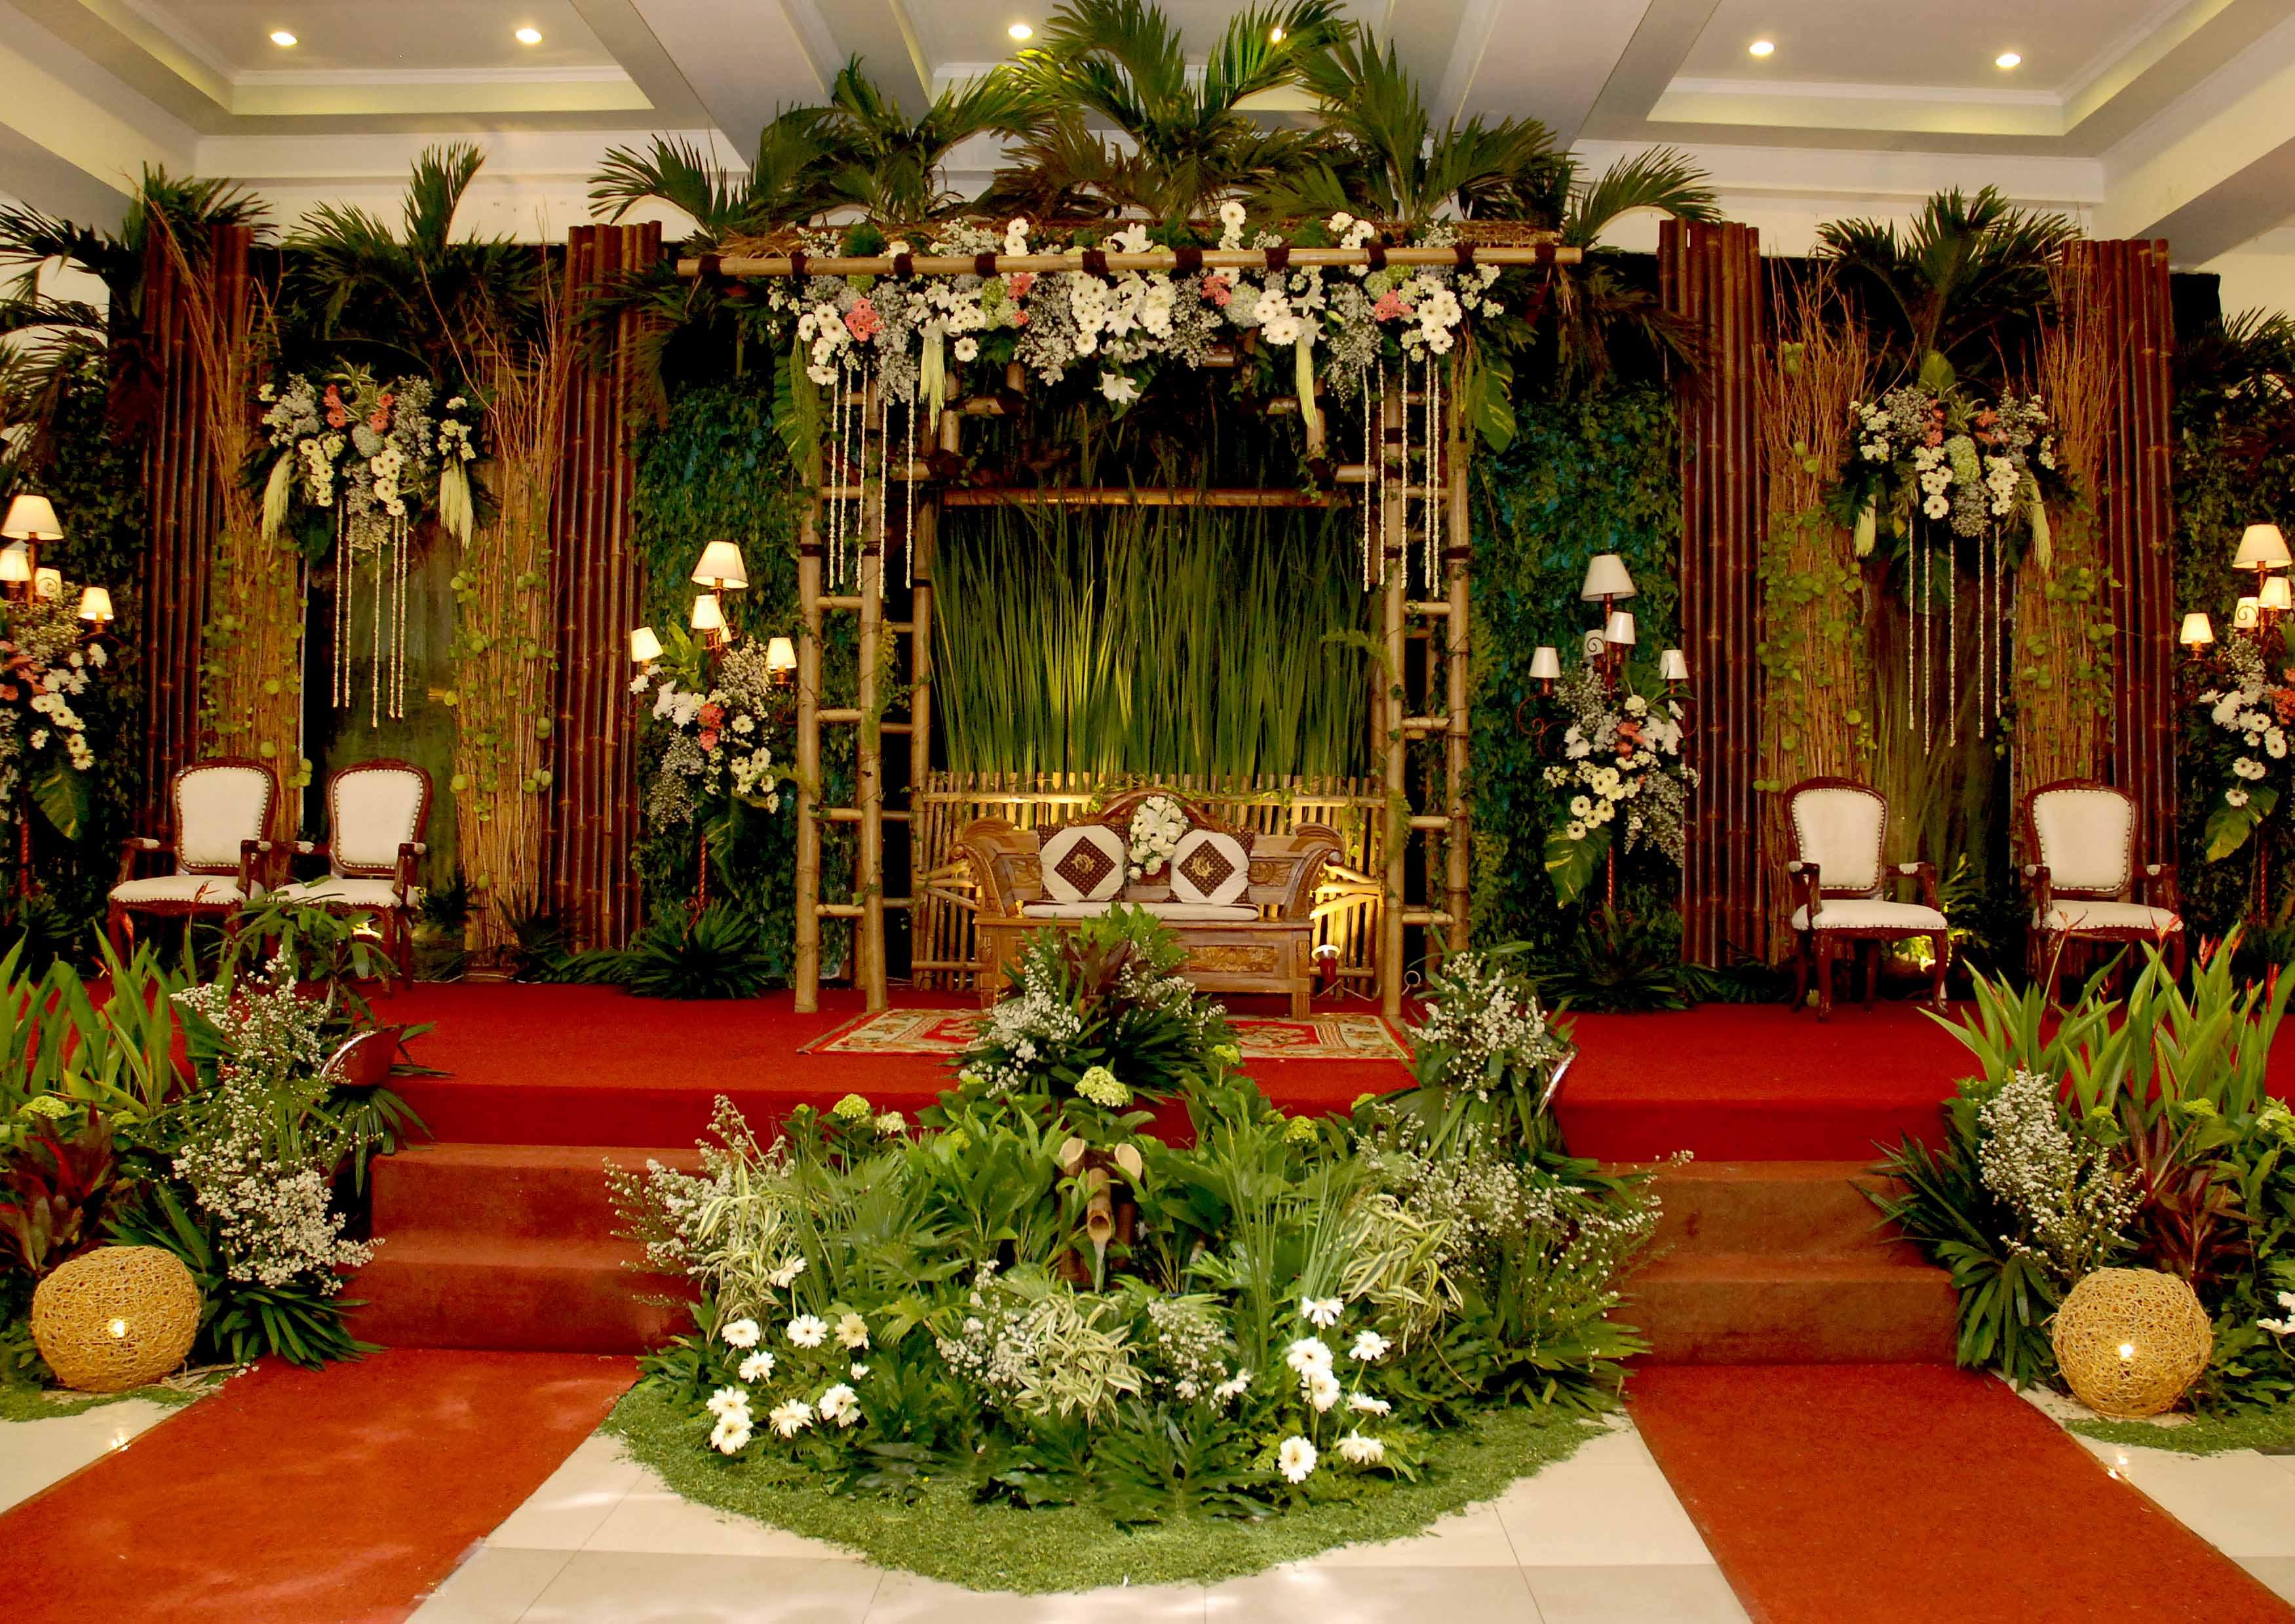 rumah-safa-dekorasi-natural-saung-sunda